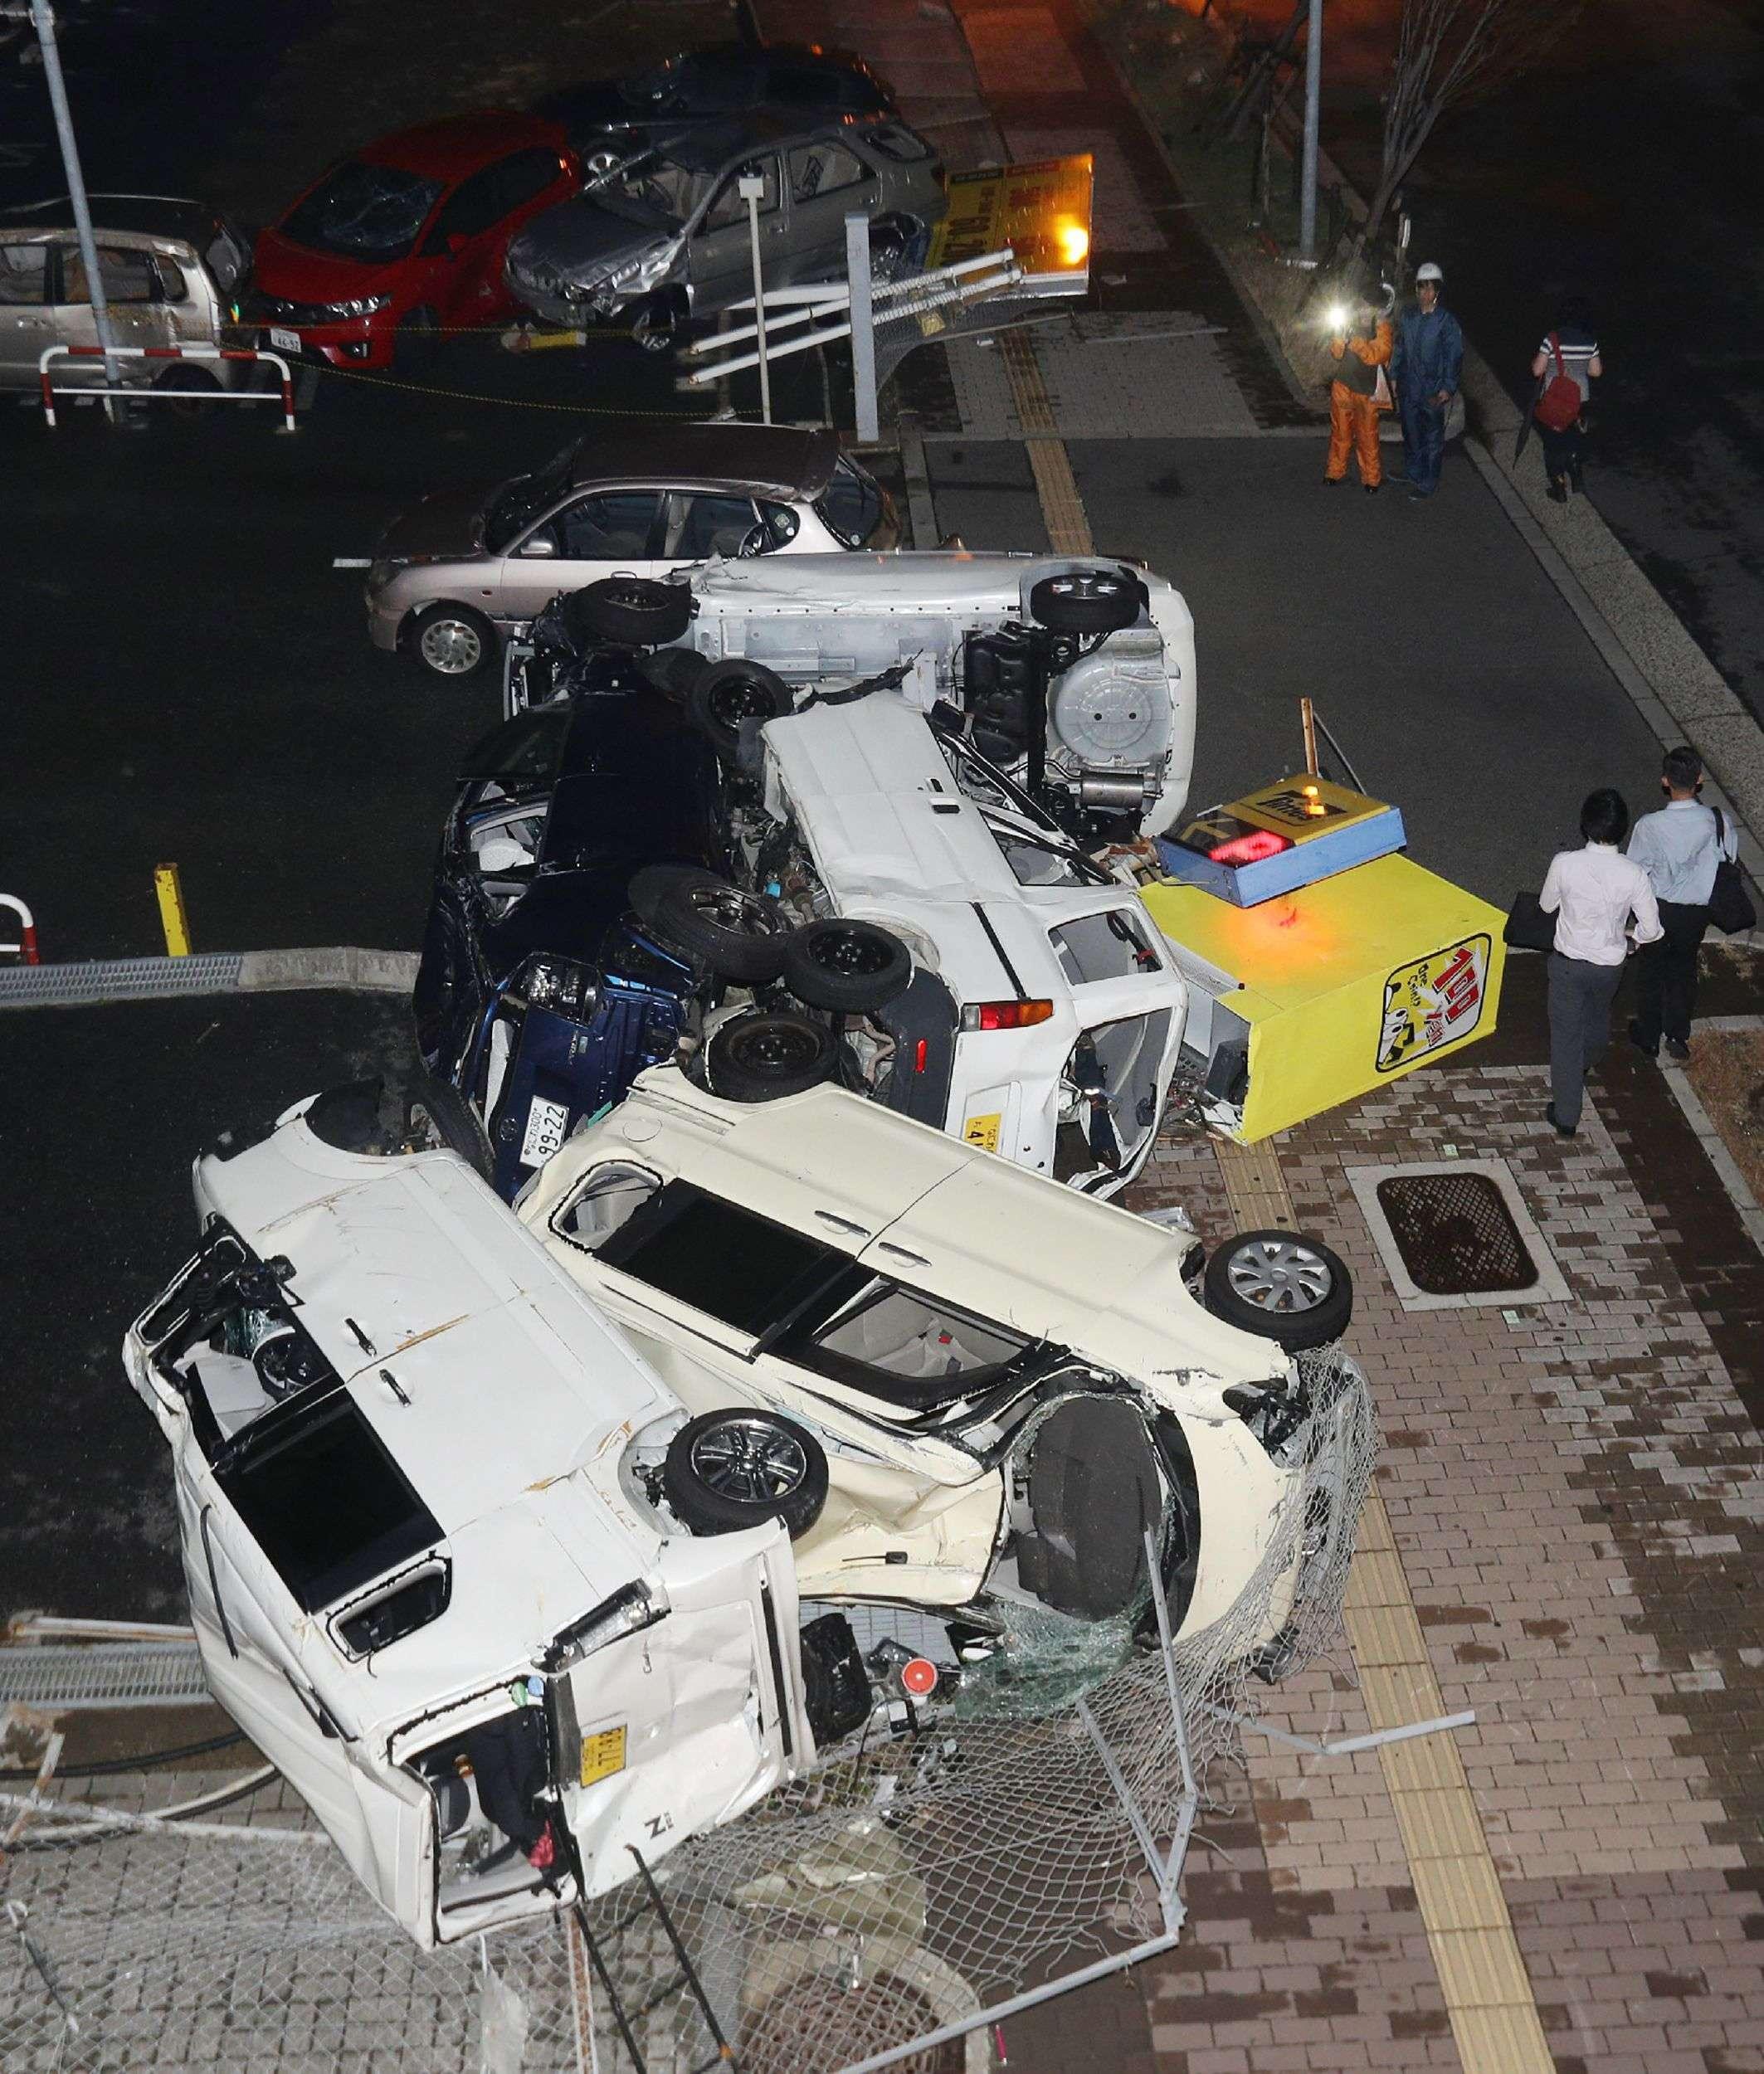 A Osaka.Il y a un mois et demi, des pluies records dans le Sud-Ouest ont provoqué des inondations inédites et des éboulements qui ont tué quelque 220 personnes. Une étouffante vague de chaleur humide s'est ensuite abattue en juillet, tuant plus de 119 personnes dans le mois tandis que 49 000 autres ont dû être hospitalisées.